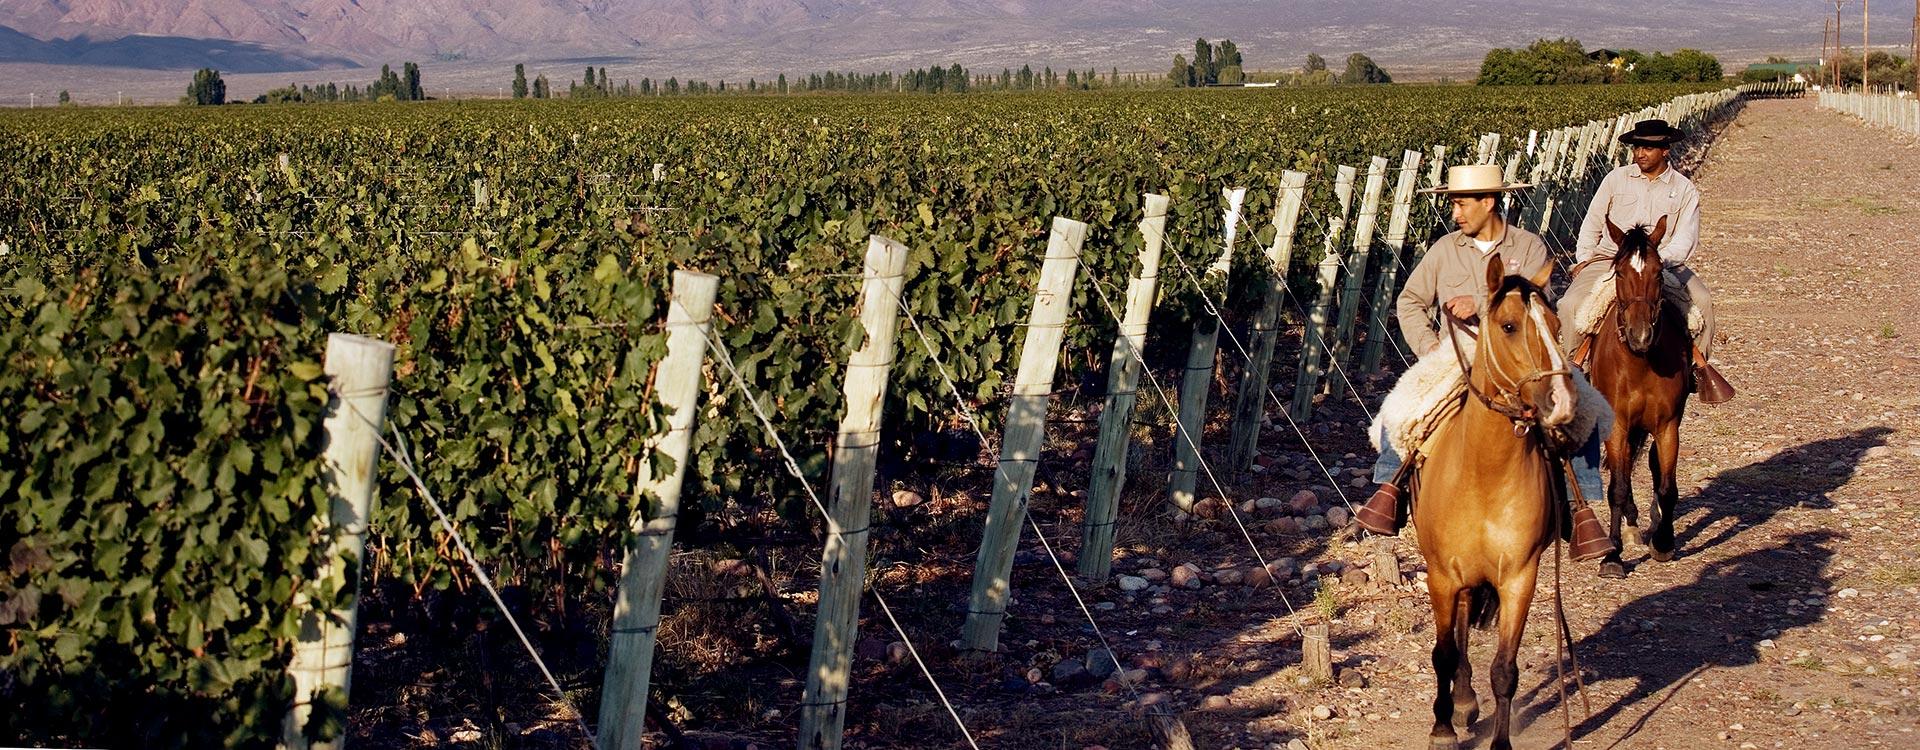 argentine vin vigne vignoble culture patrimoine montagne mendoza gauchos cheval vigneron viticulteur